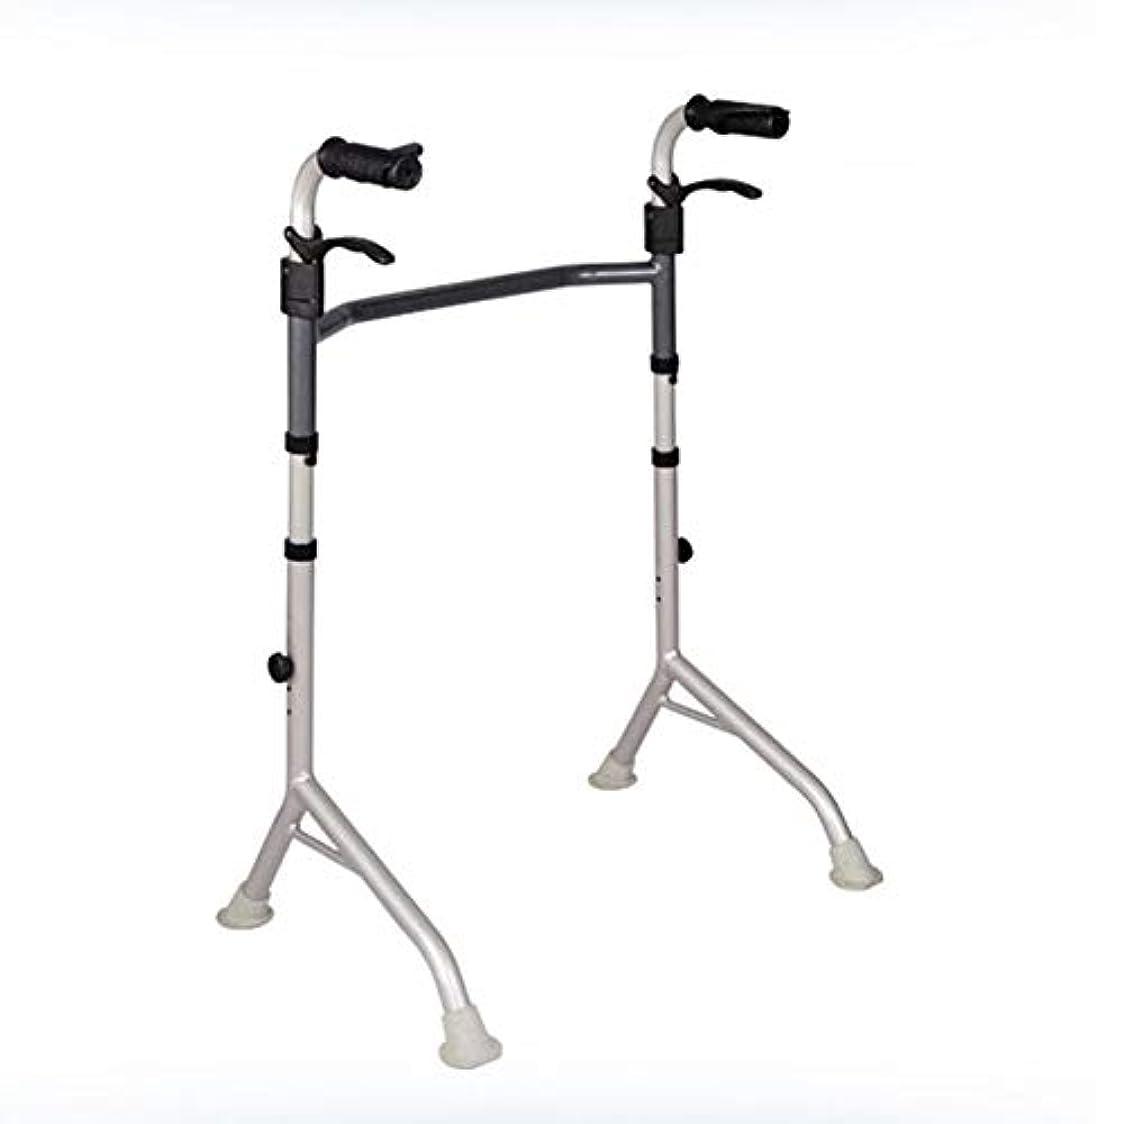 極地クレア読書四脚歩行器、高齢者歩行フレーム、リハビリテーション立ちアームレスト、歩行補助